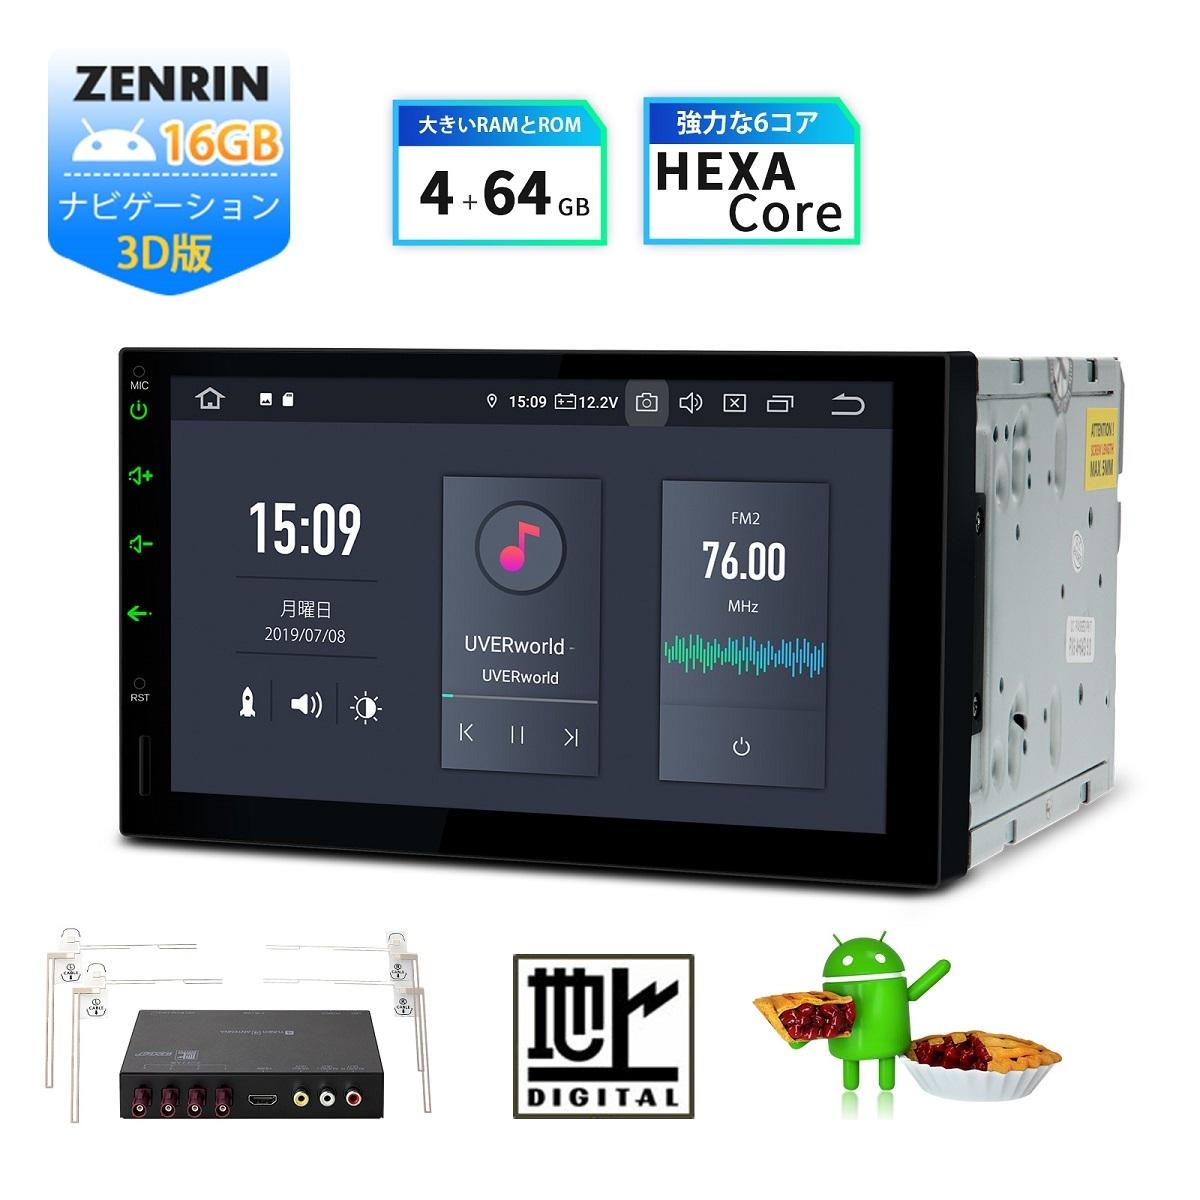 (TQ709SIPL) XTRONS Android9.0 6コア 2DIN 7インチ 車載PC フルセグ 地デジ搭載 アプリ連動操作可 最新16GB地図付 HDMI出力 RAM4G ROM64G カーステレオ カーオーディオ OBD2 ミラーリング 4K DVR ワイドFM